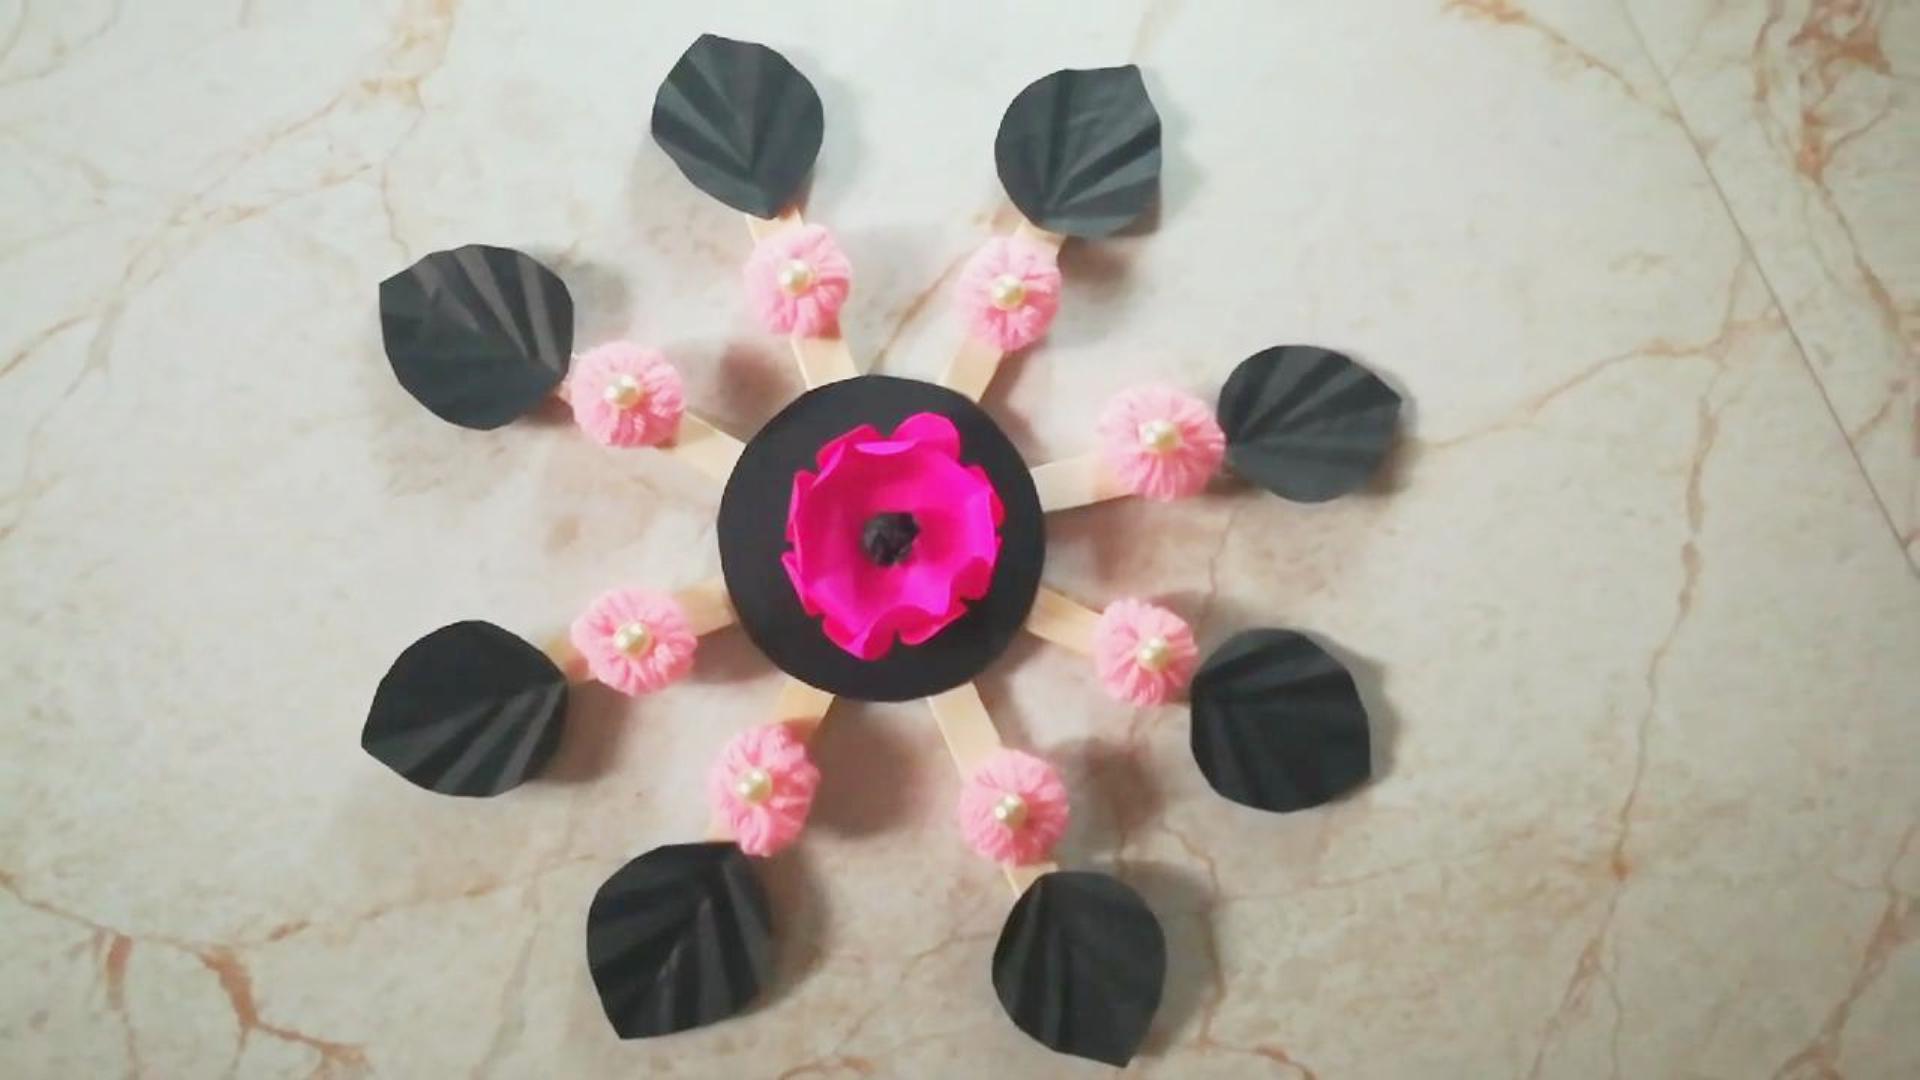 创意手工DIY,一个纸花壁挂的制作方法,非常简单!